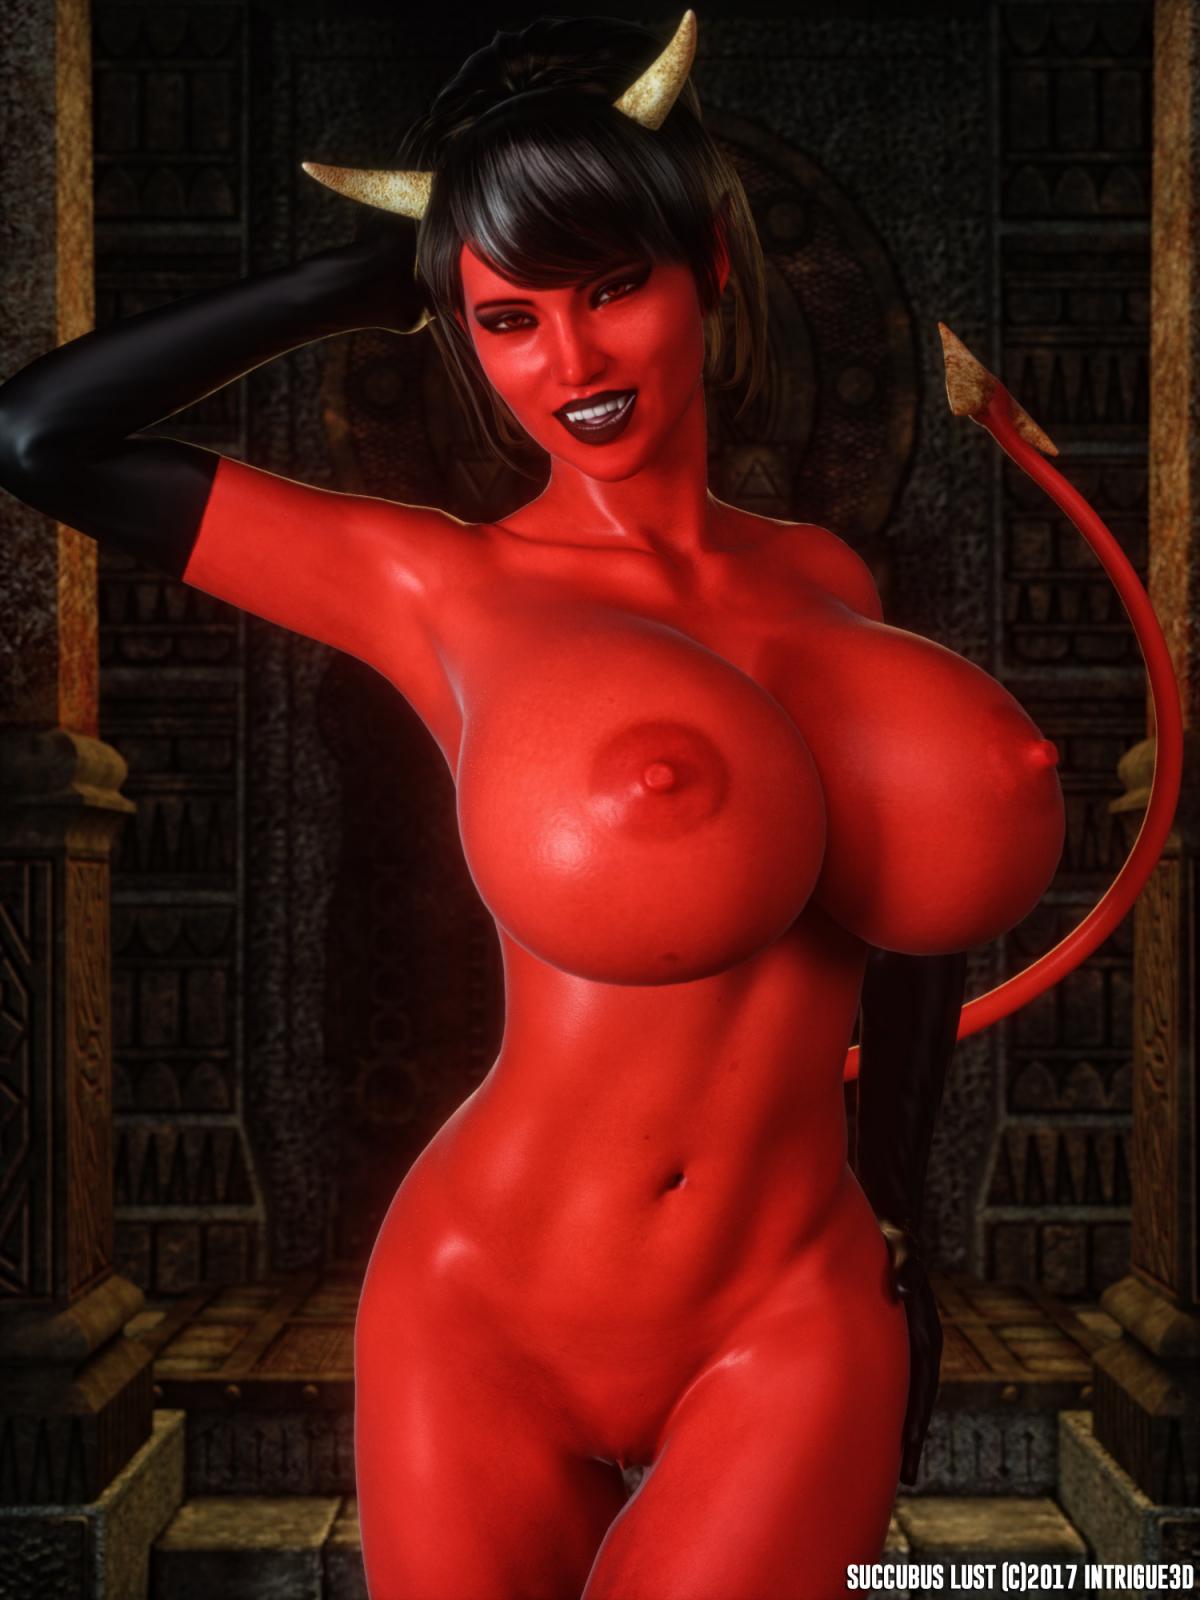 Hình ảnh 39958130624_6237fed1e1_o trong bài viết Succubus Lust